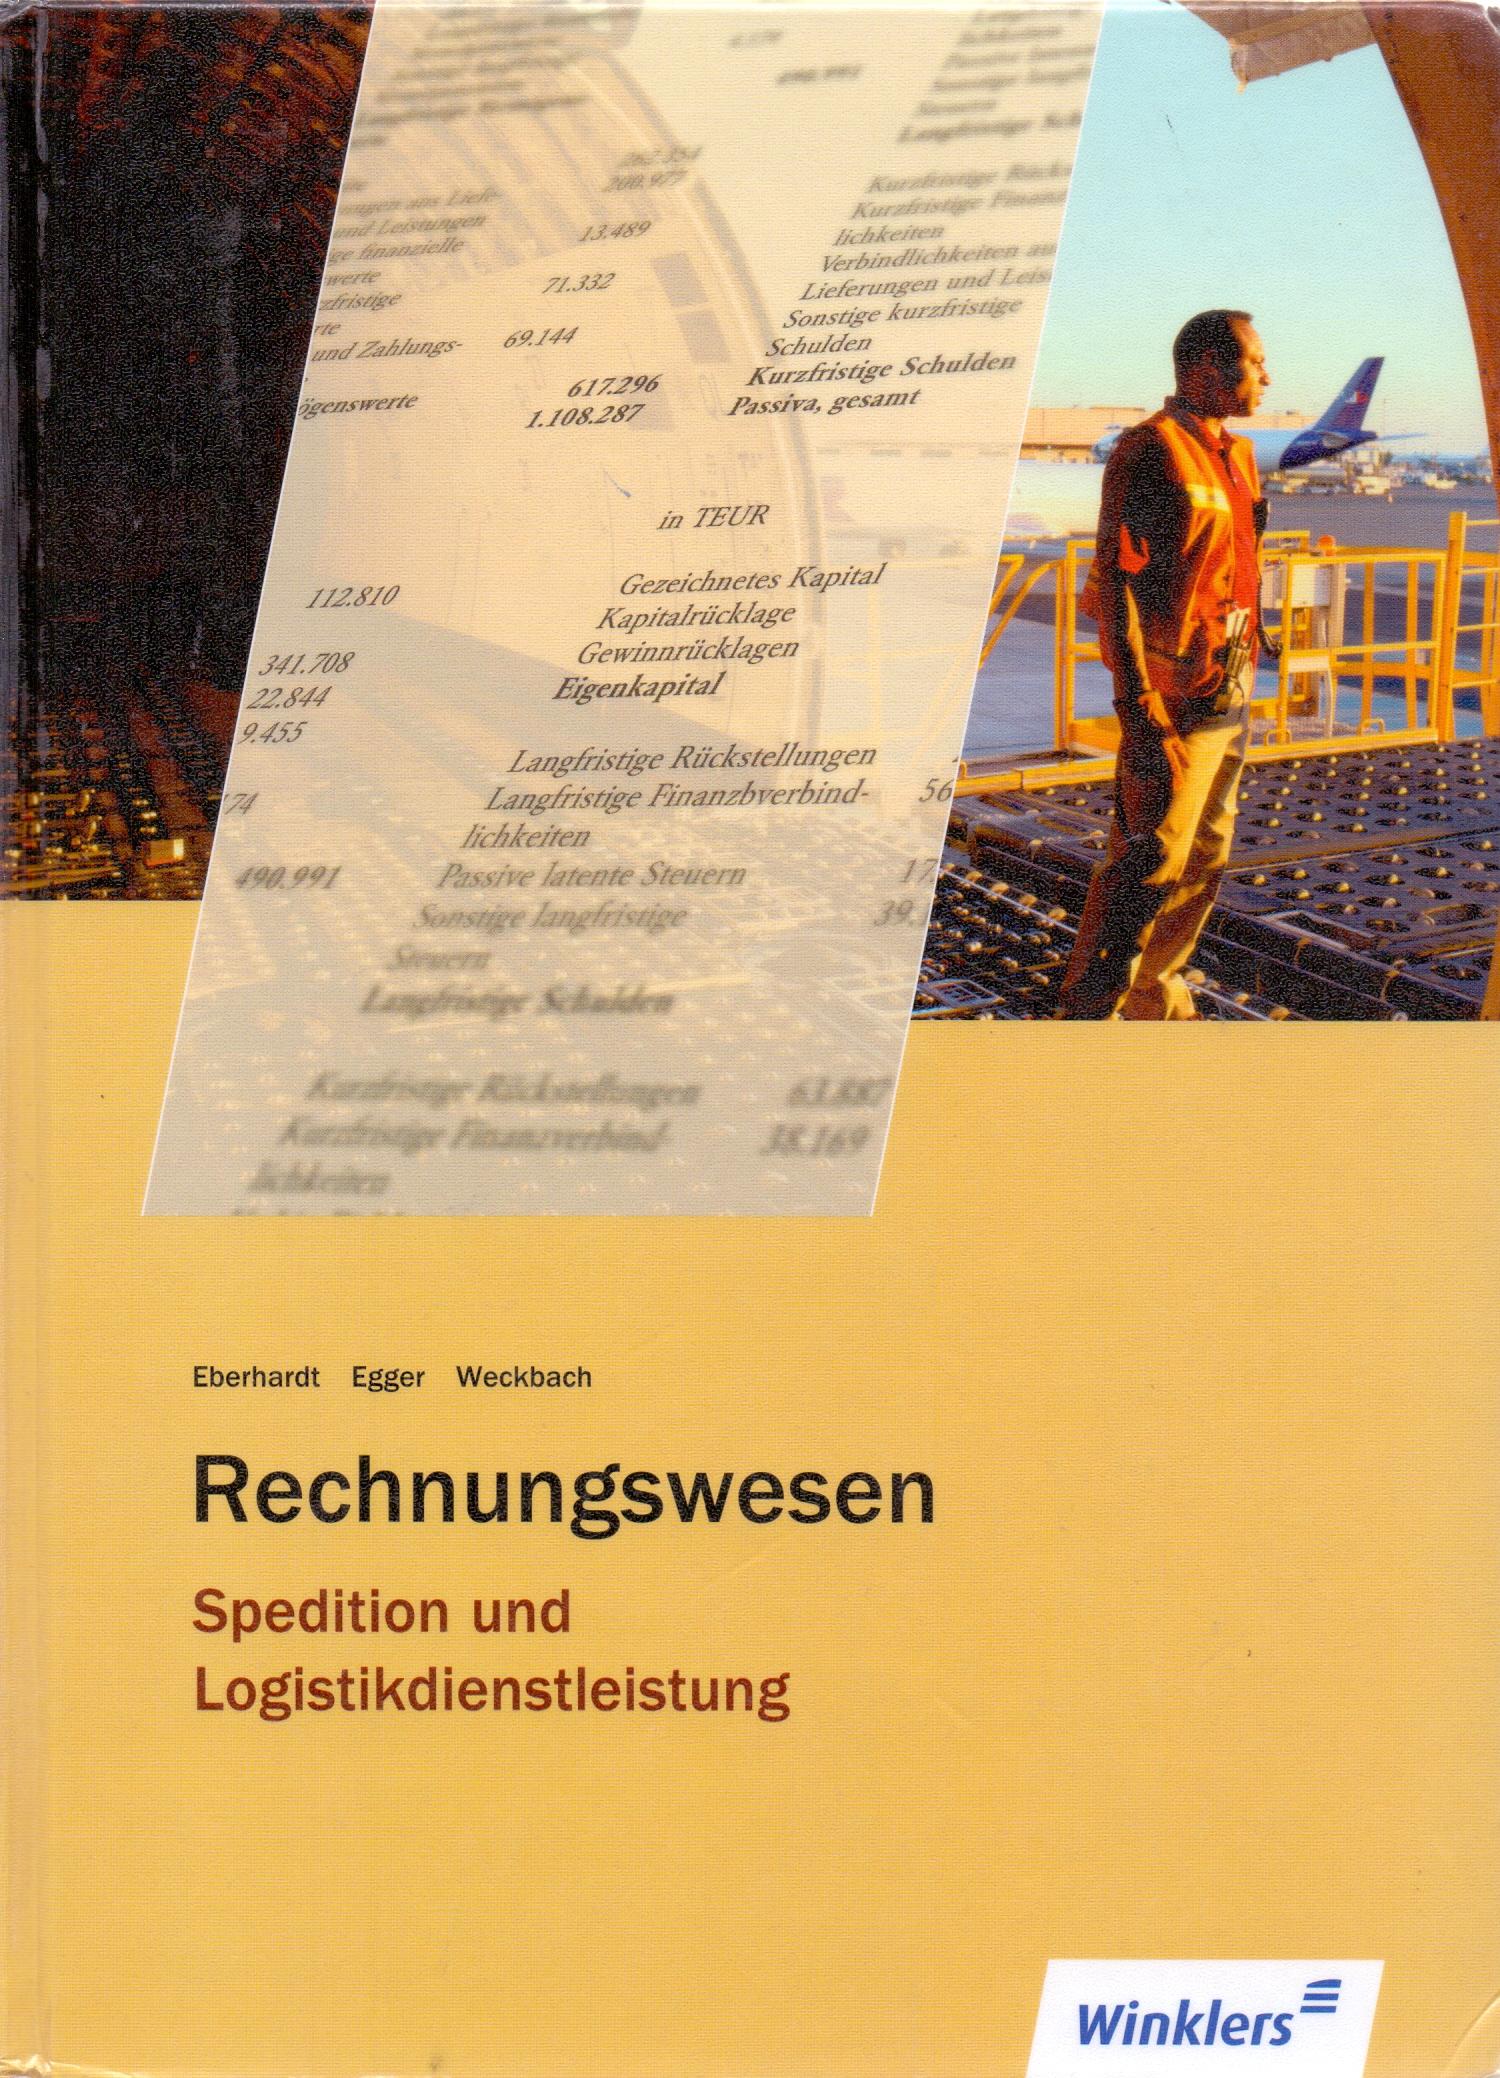 Rechnungswesen Spedition und Logistikdienstleistung - Manfred Eberhardt [Gebundene Ausgabe, 13. Auflage 2012]